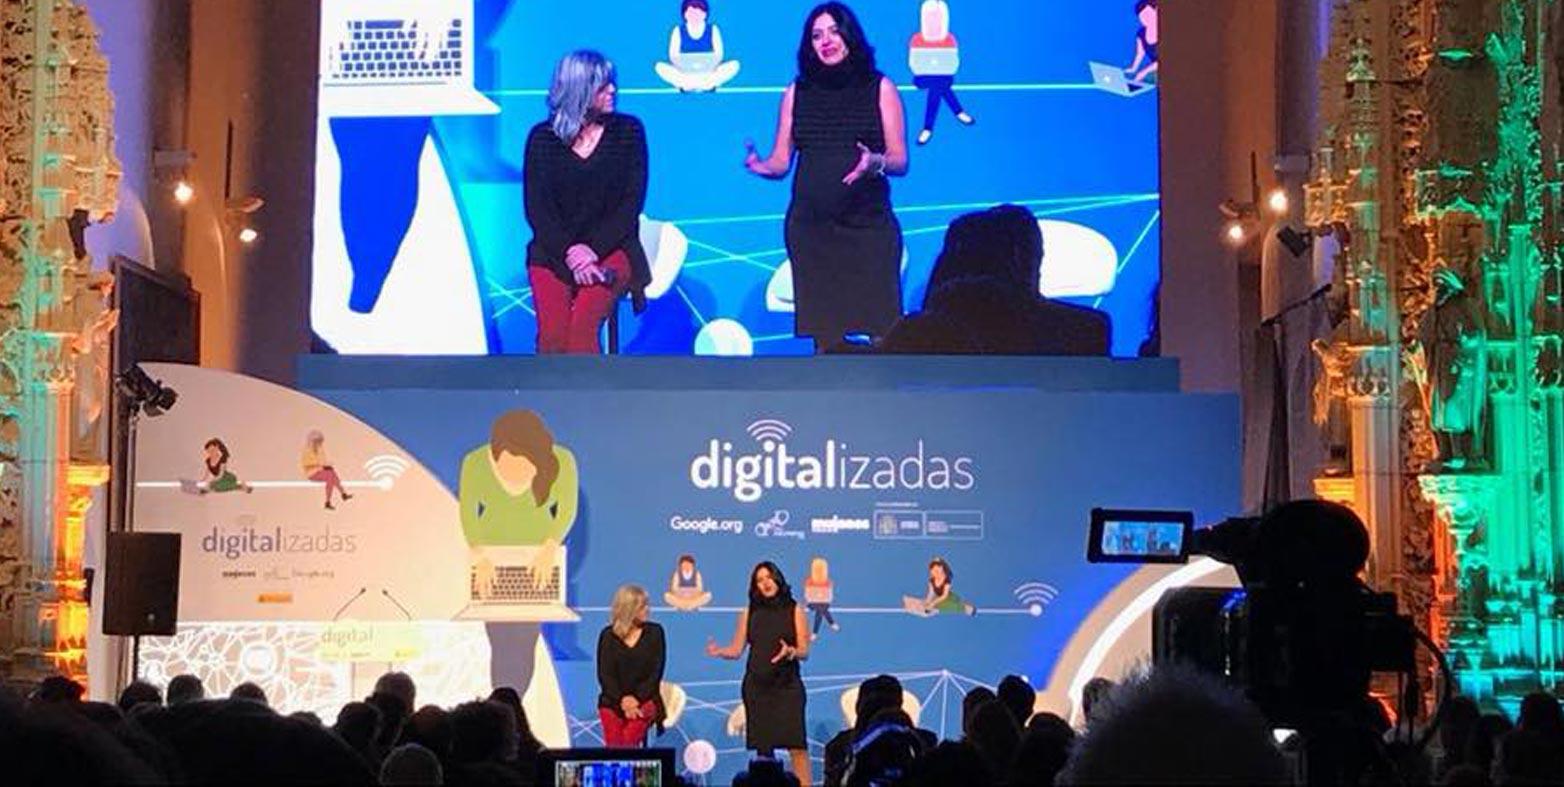 Nace Digitalizadas, un proyecto que formará en competencias digitales a 5.000 mujeres del entorno rural en España